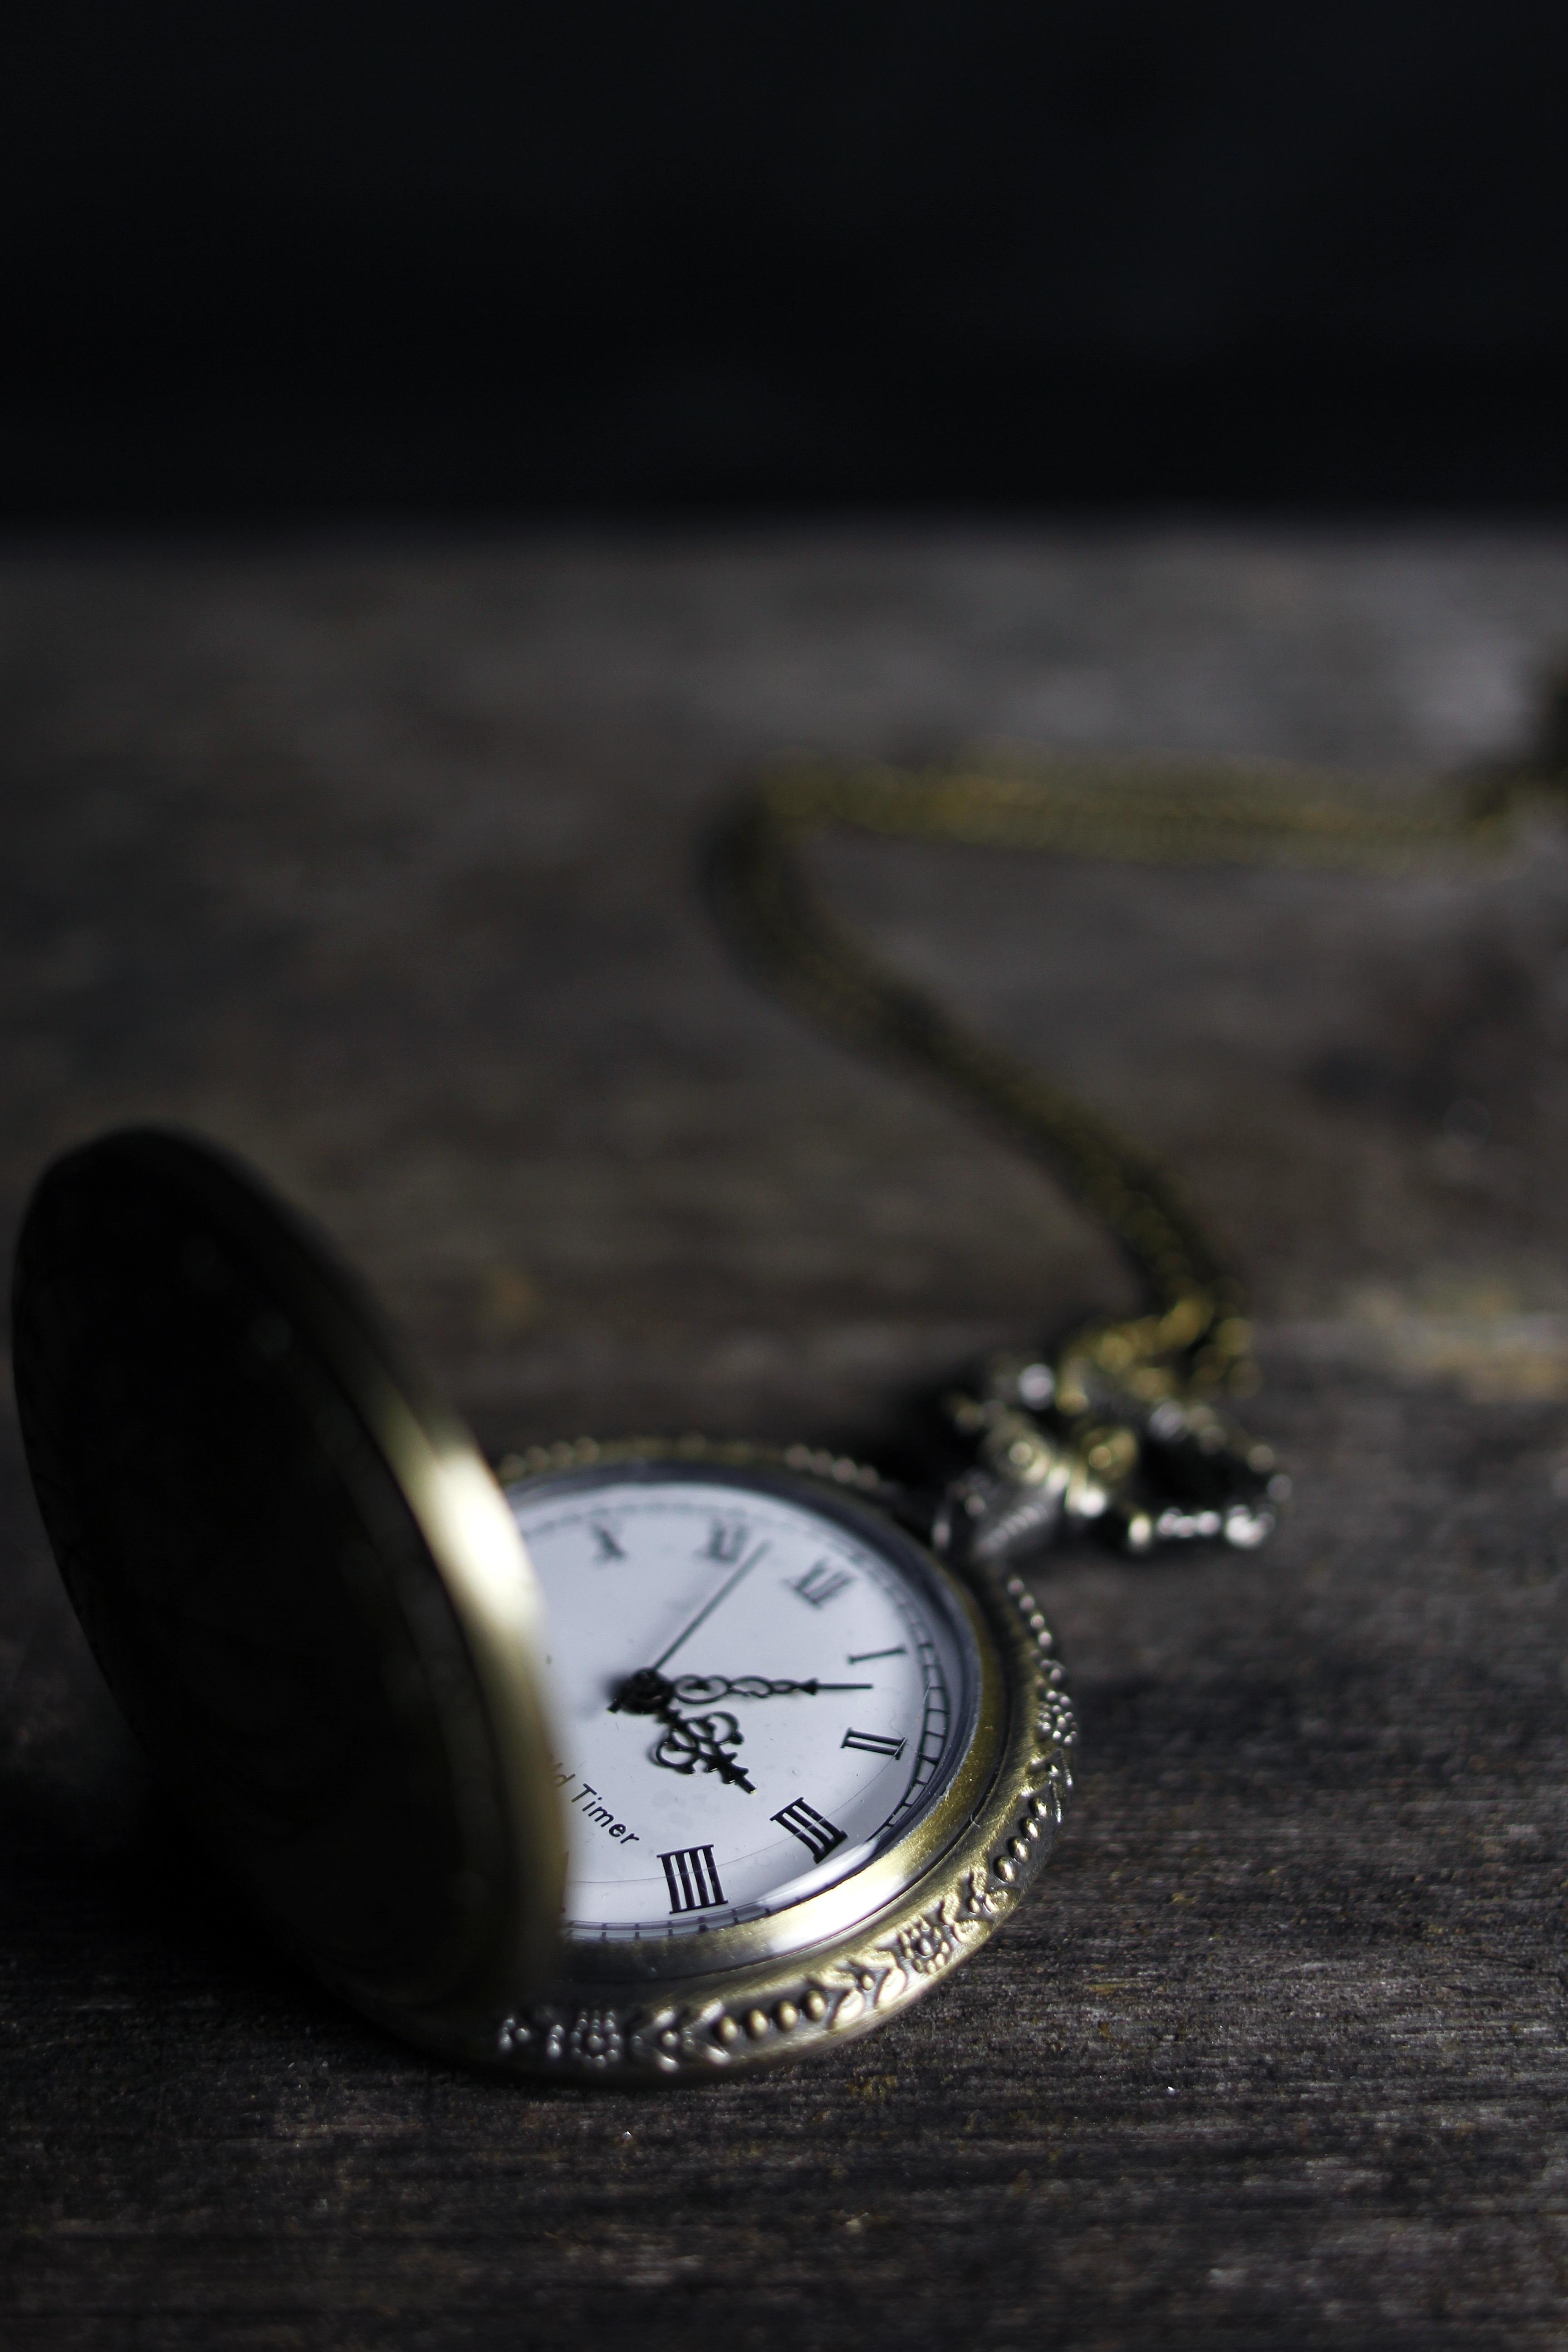 Unduh 930 Koleksi Wallpaper Jam Hitam Putih HD Terbaru